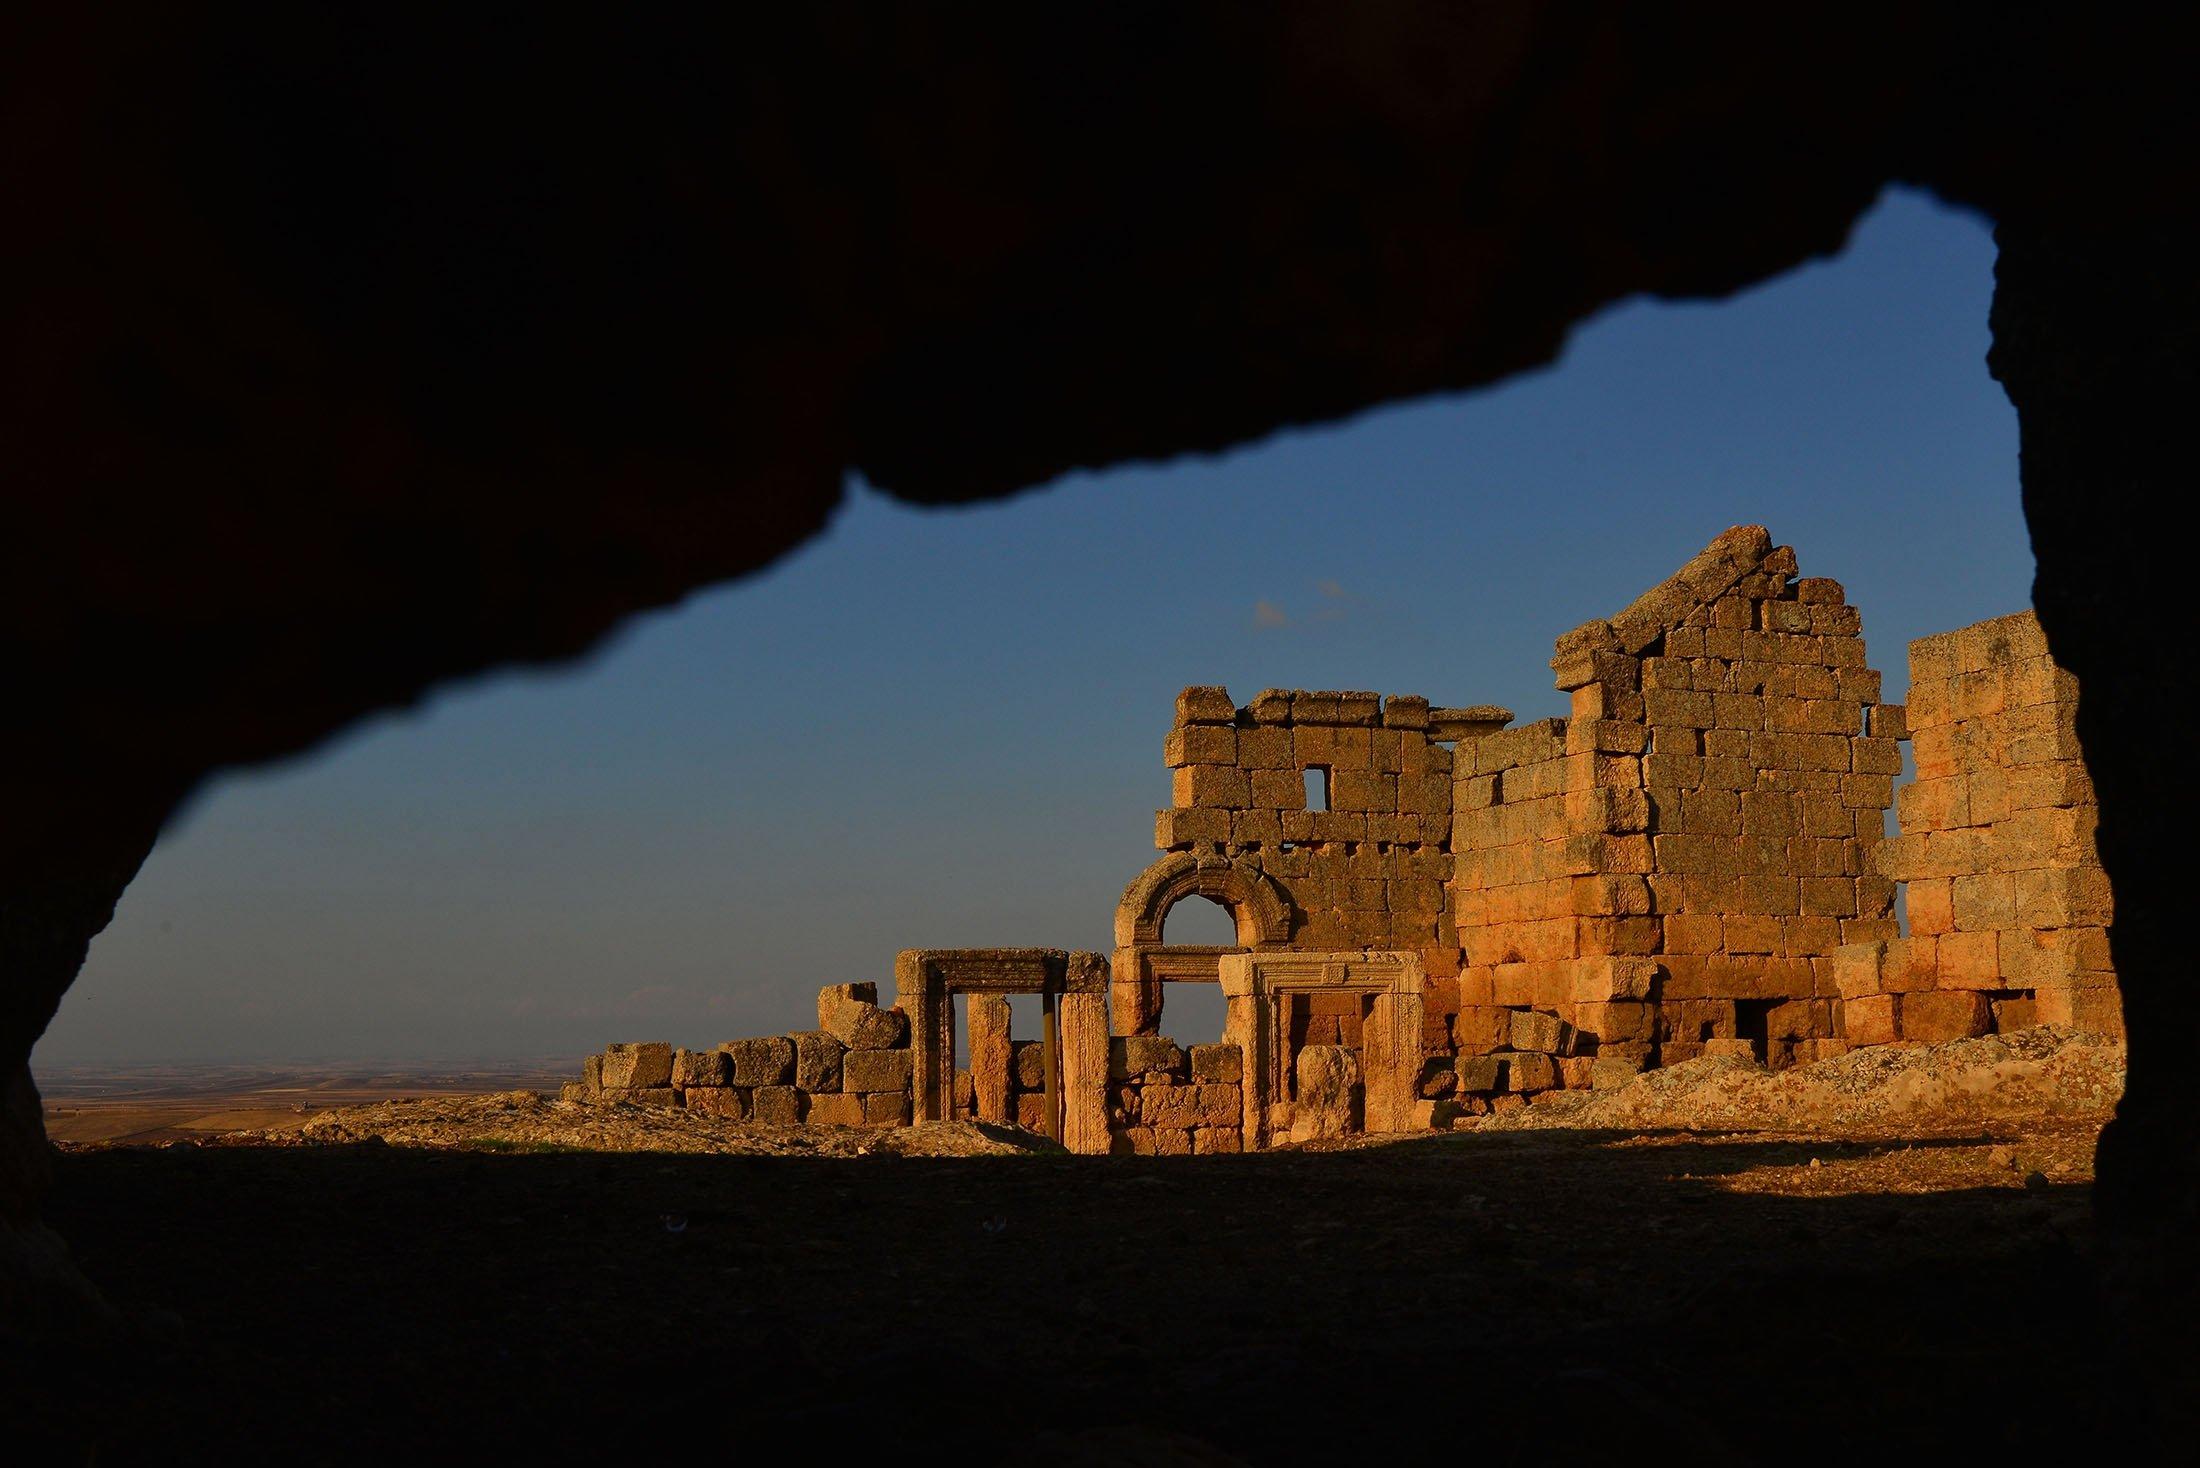 The ruins of Zerzevan Castle in Diyarbakır, Turkey. (Shutterstock Photo)